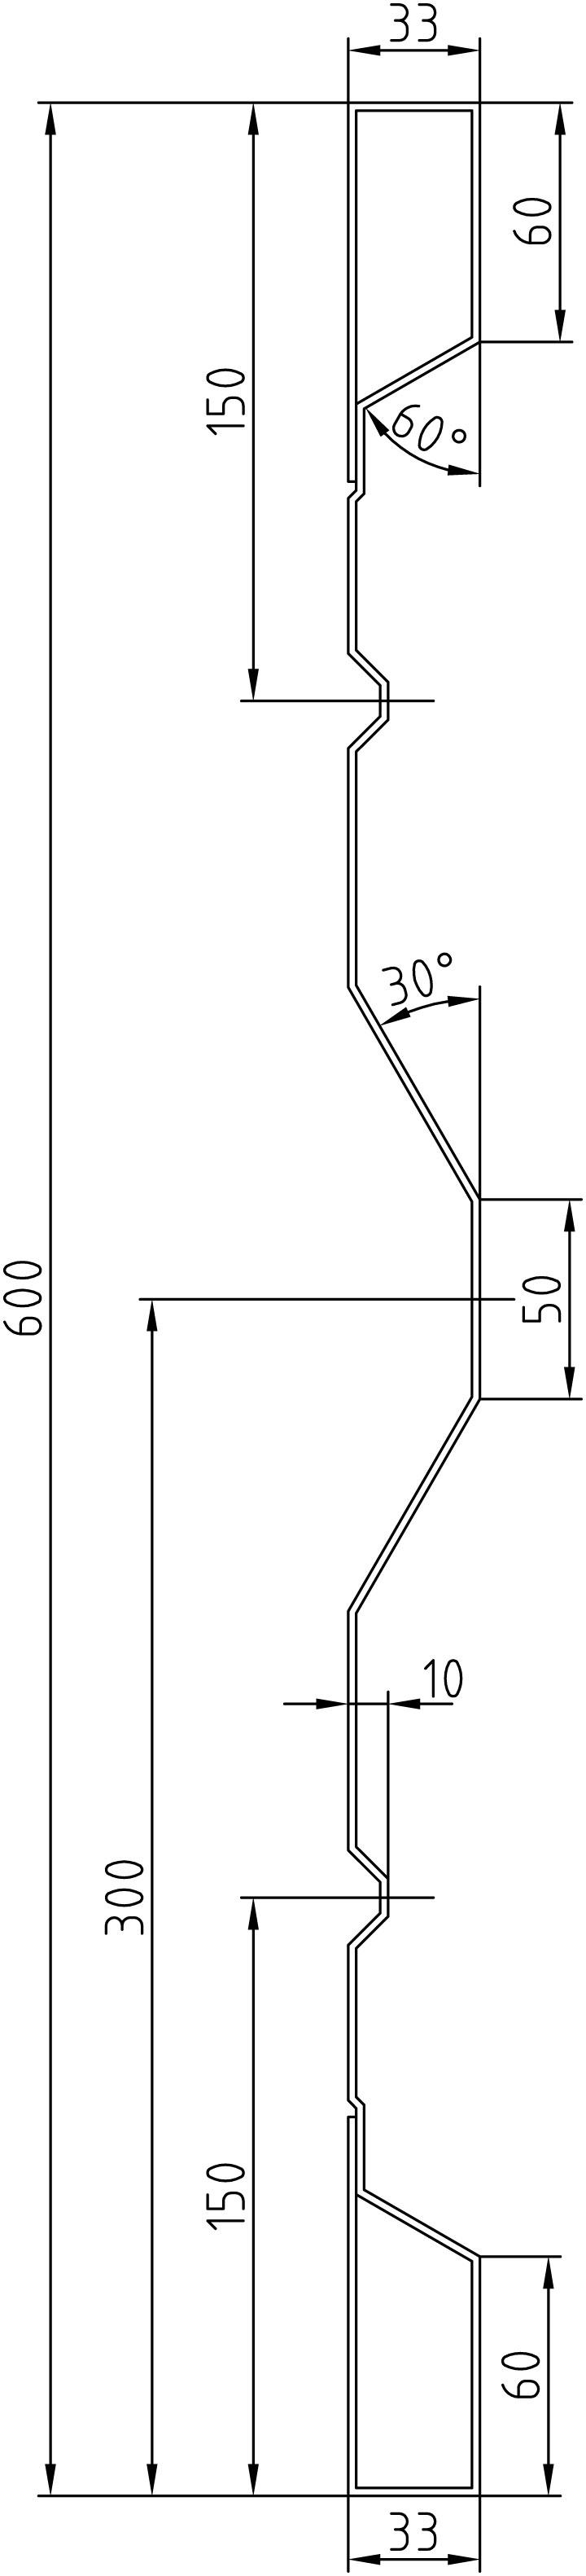 Brantner Kipper und Anhänger - 600x2x2335 Stirn BW samt EL ohne Löcher